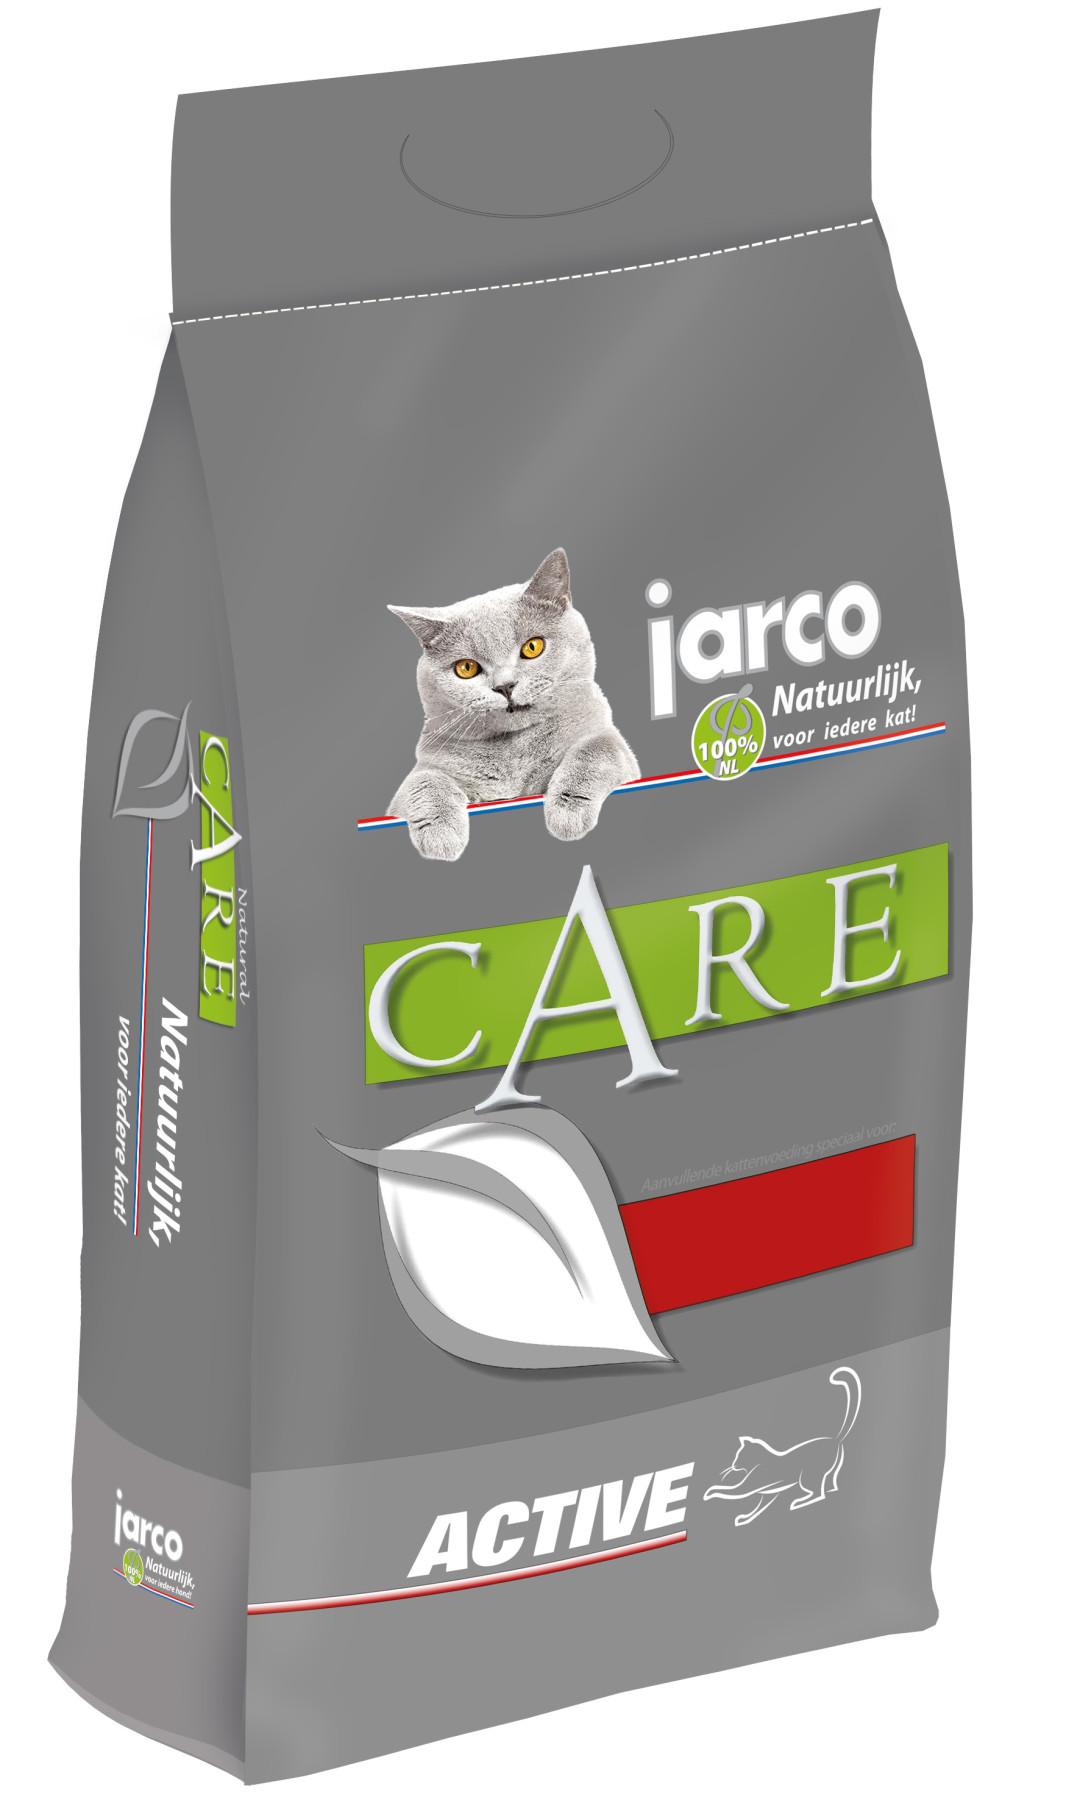 Jarco kattenvoer Natural Active Eend <br>6 kg